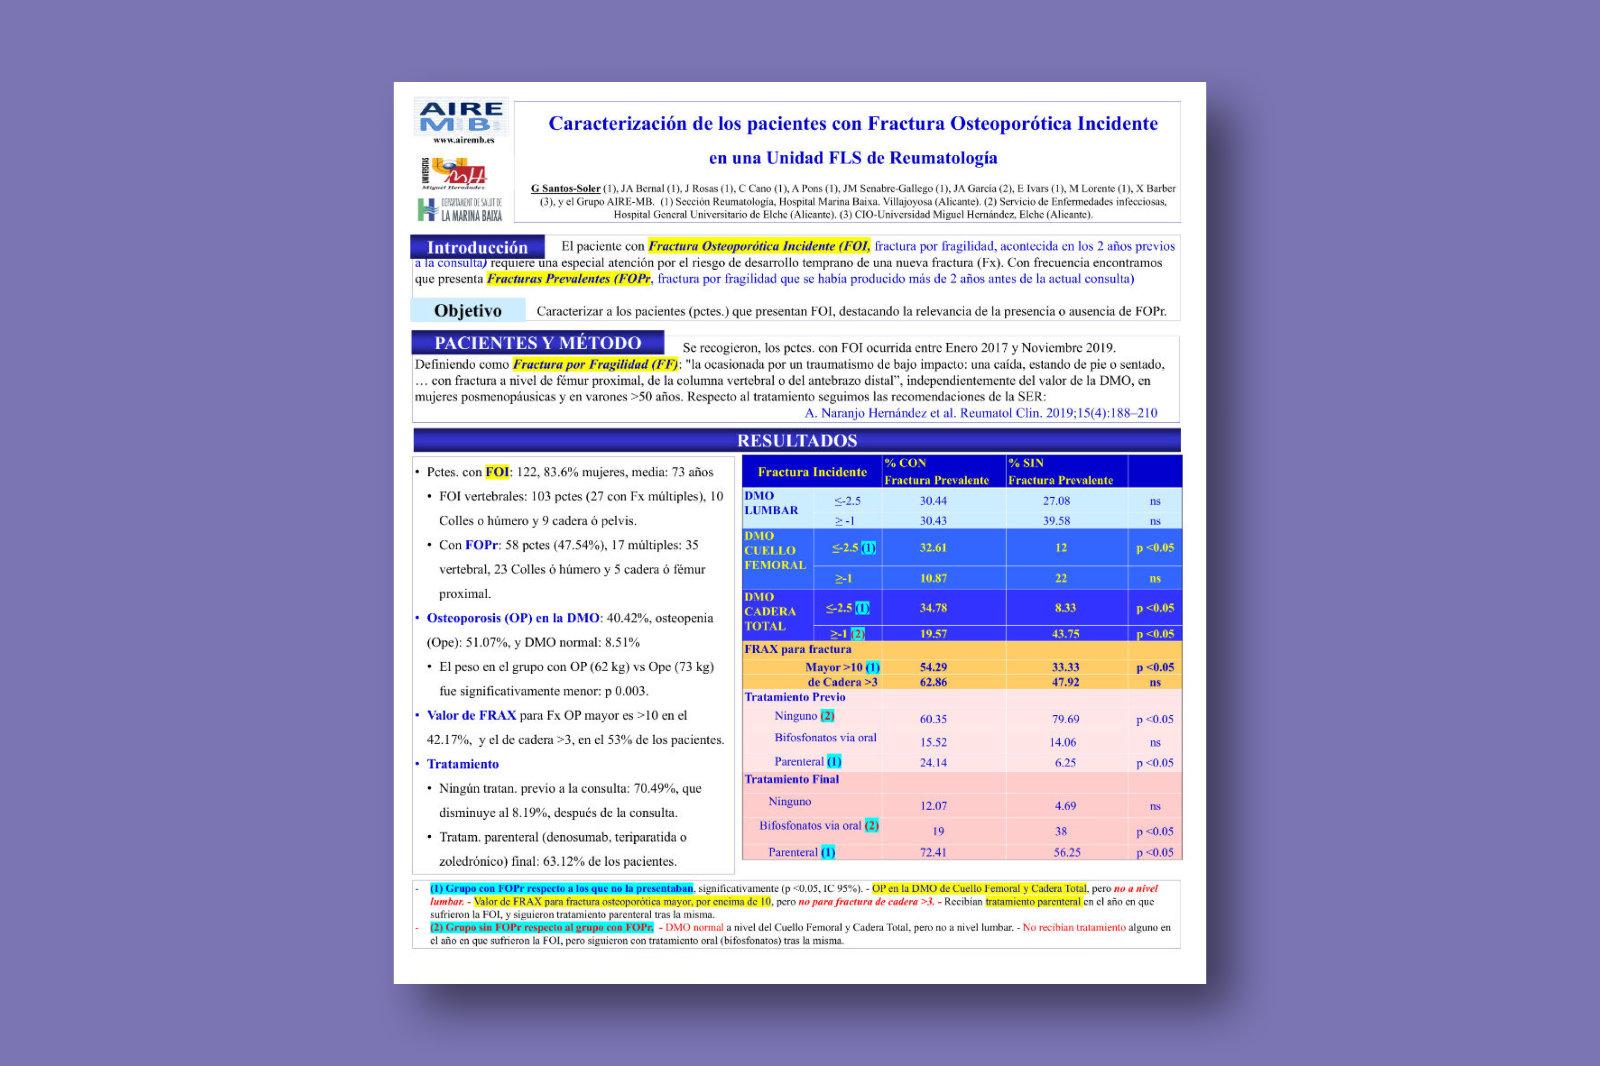 Caracterización de los pacientes con fractura osteoporótica incidente en una unidad FLS de reumatología